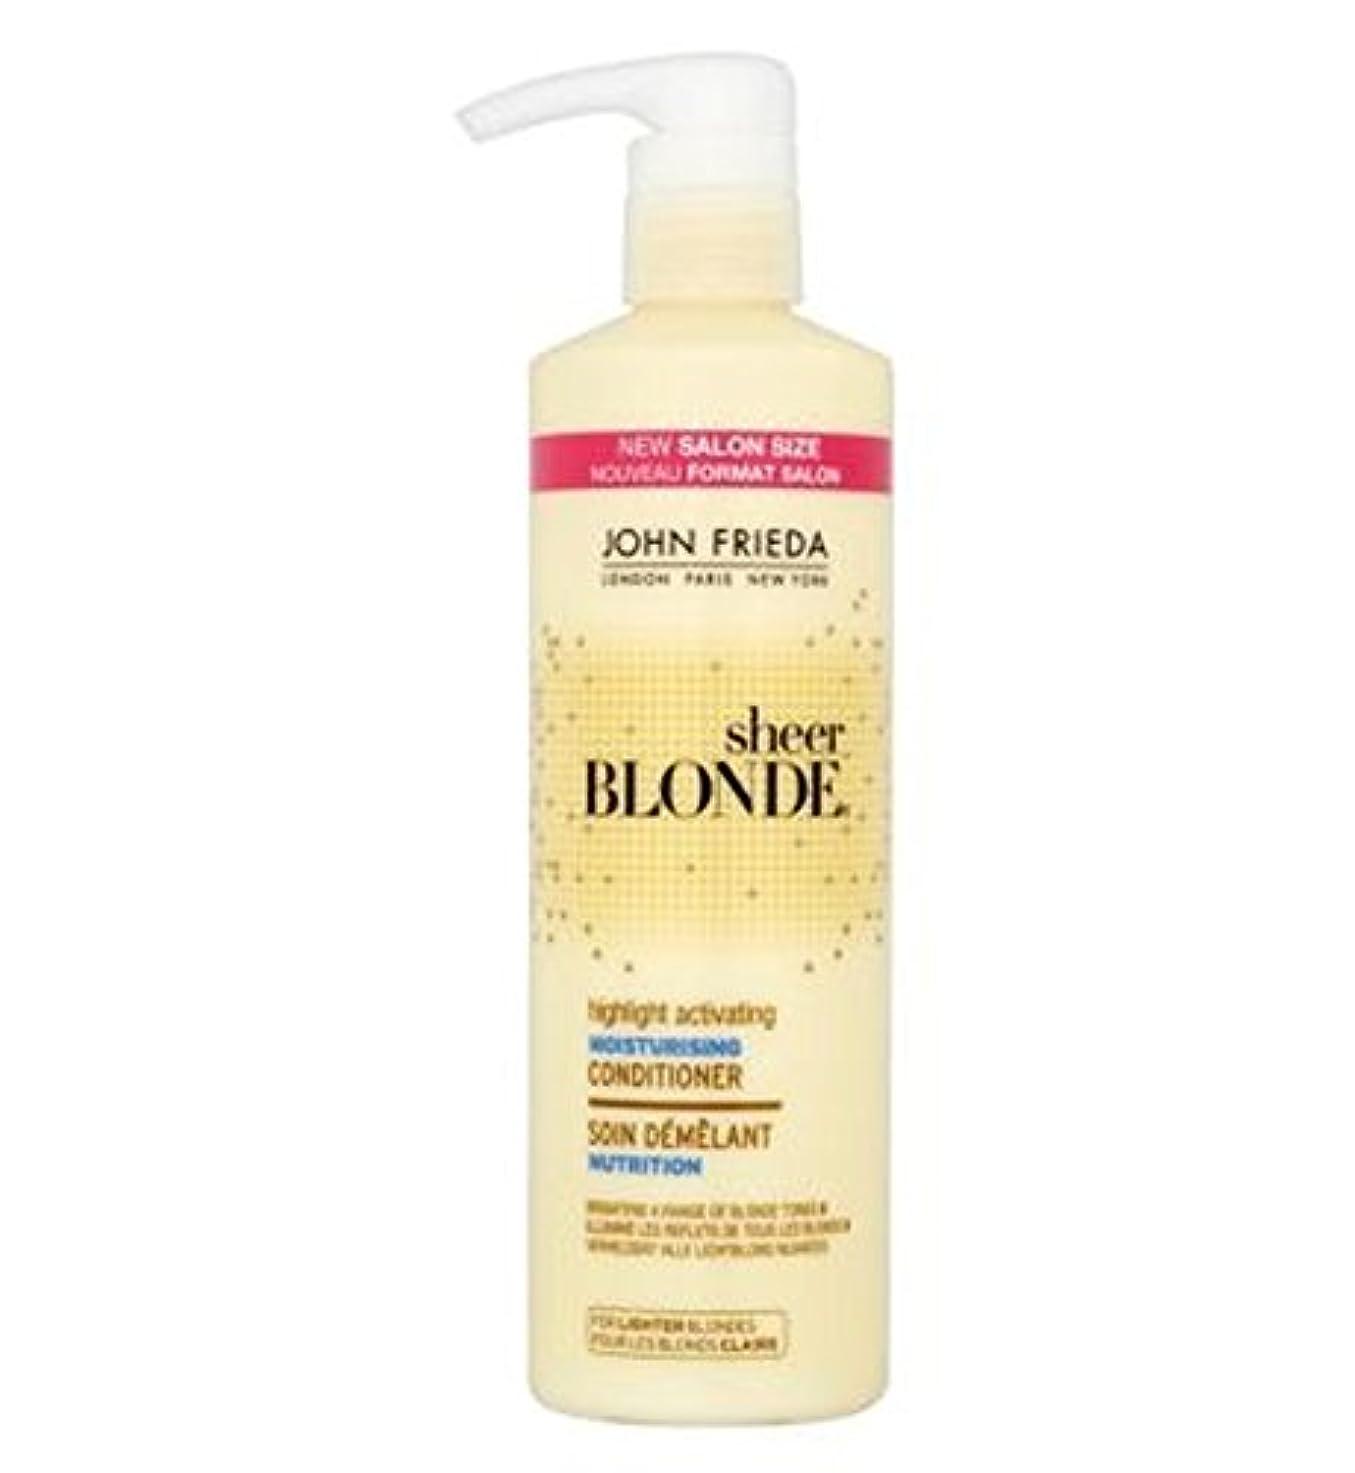 対象ベンチャーちっちゃいJohn Frieda Sheer Blonde Highlight Activating Moisturising Conditioner 500ml - ジョン?フリーダ薄手のブロンドのハイライト活性化保湿コンディショナー500ミリリットル (John Frieda) [並行輸入品]